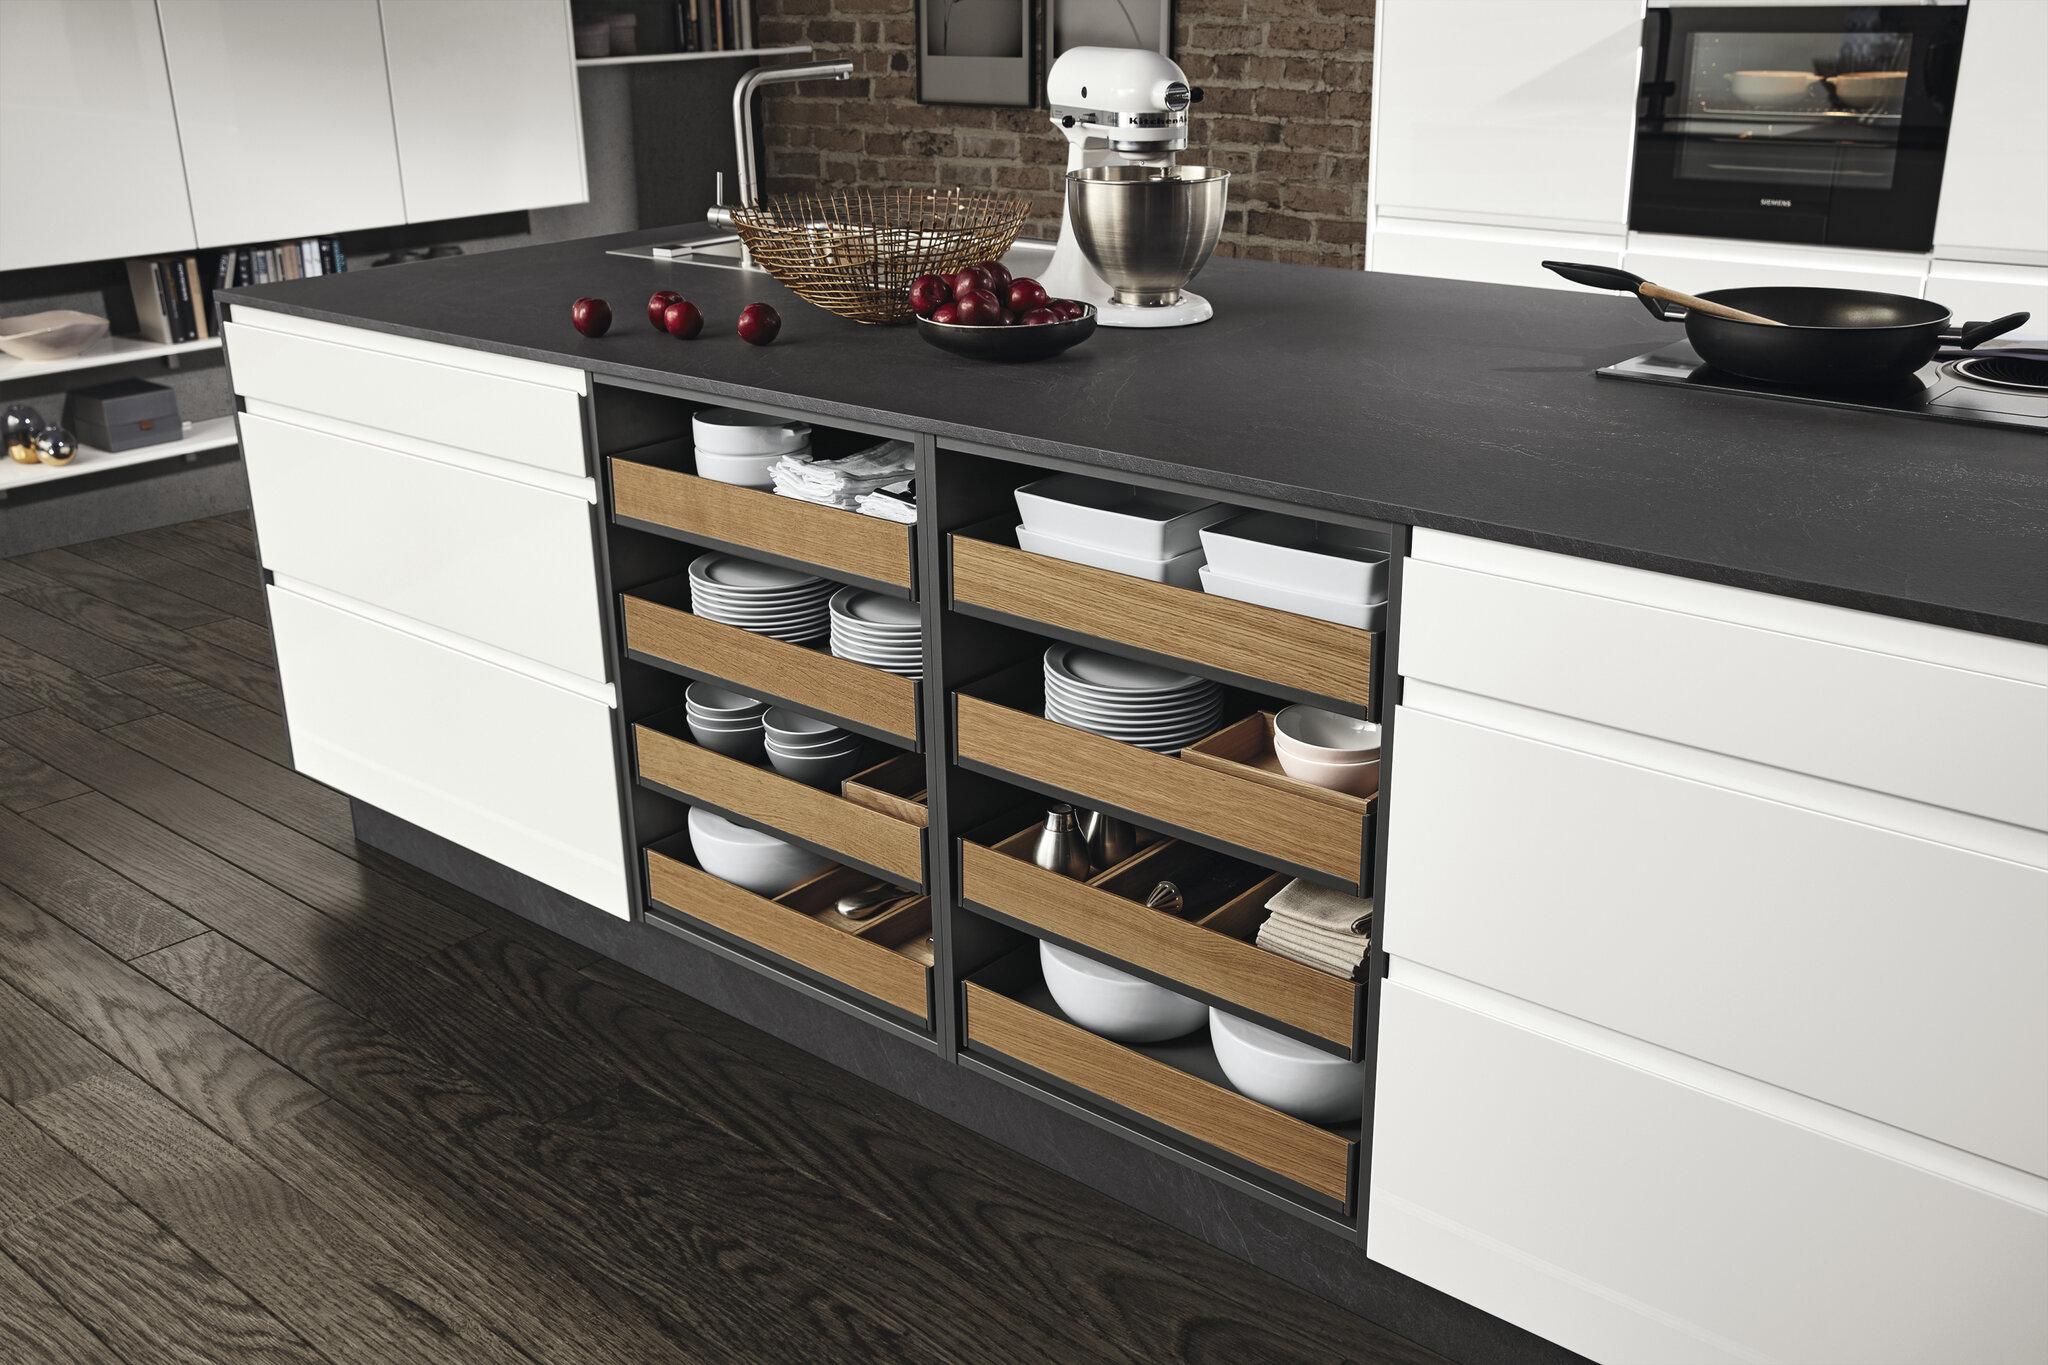 European Kitchen Cabinet Design Elements — Noblessa USA